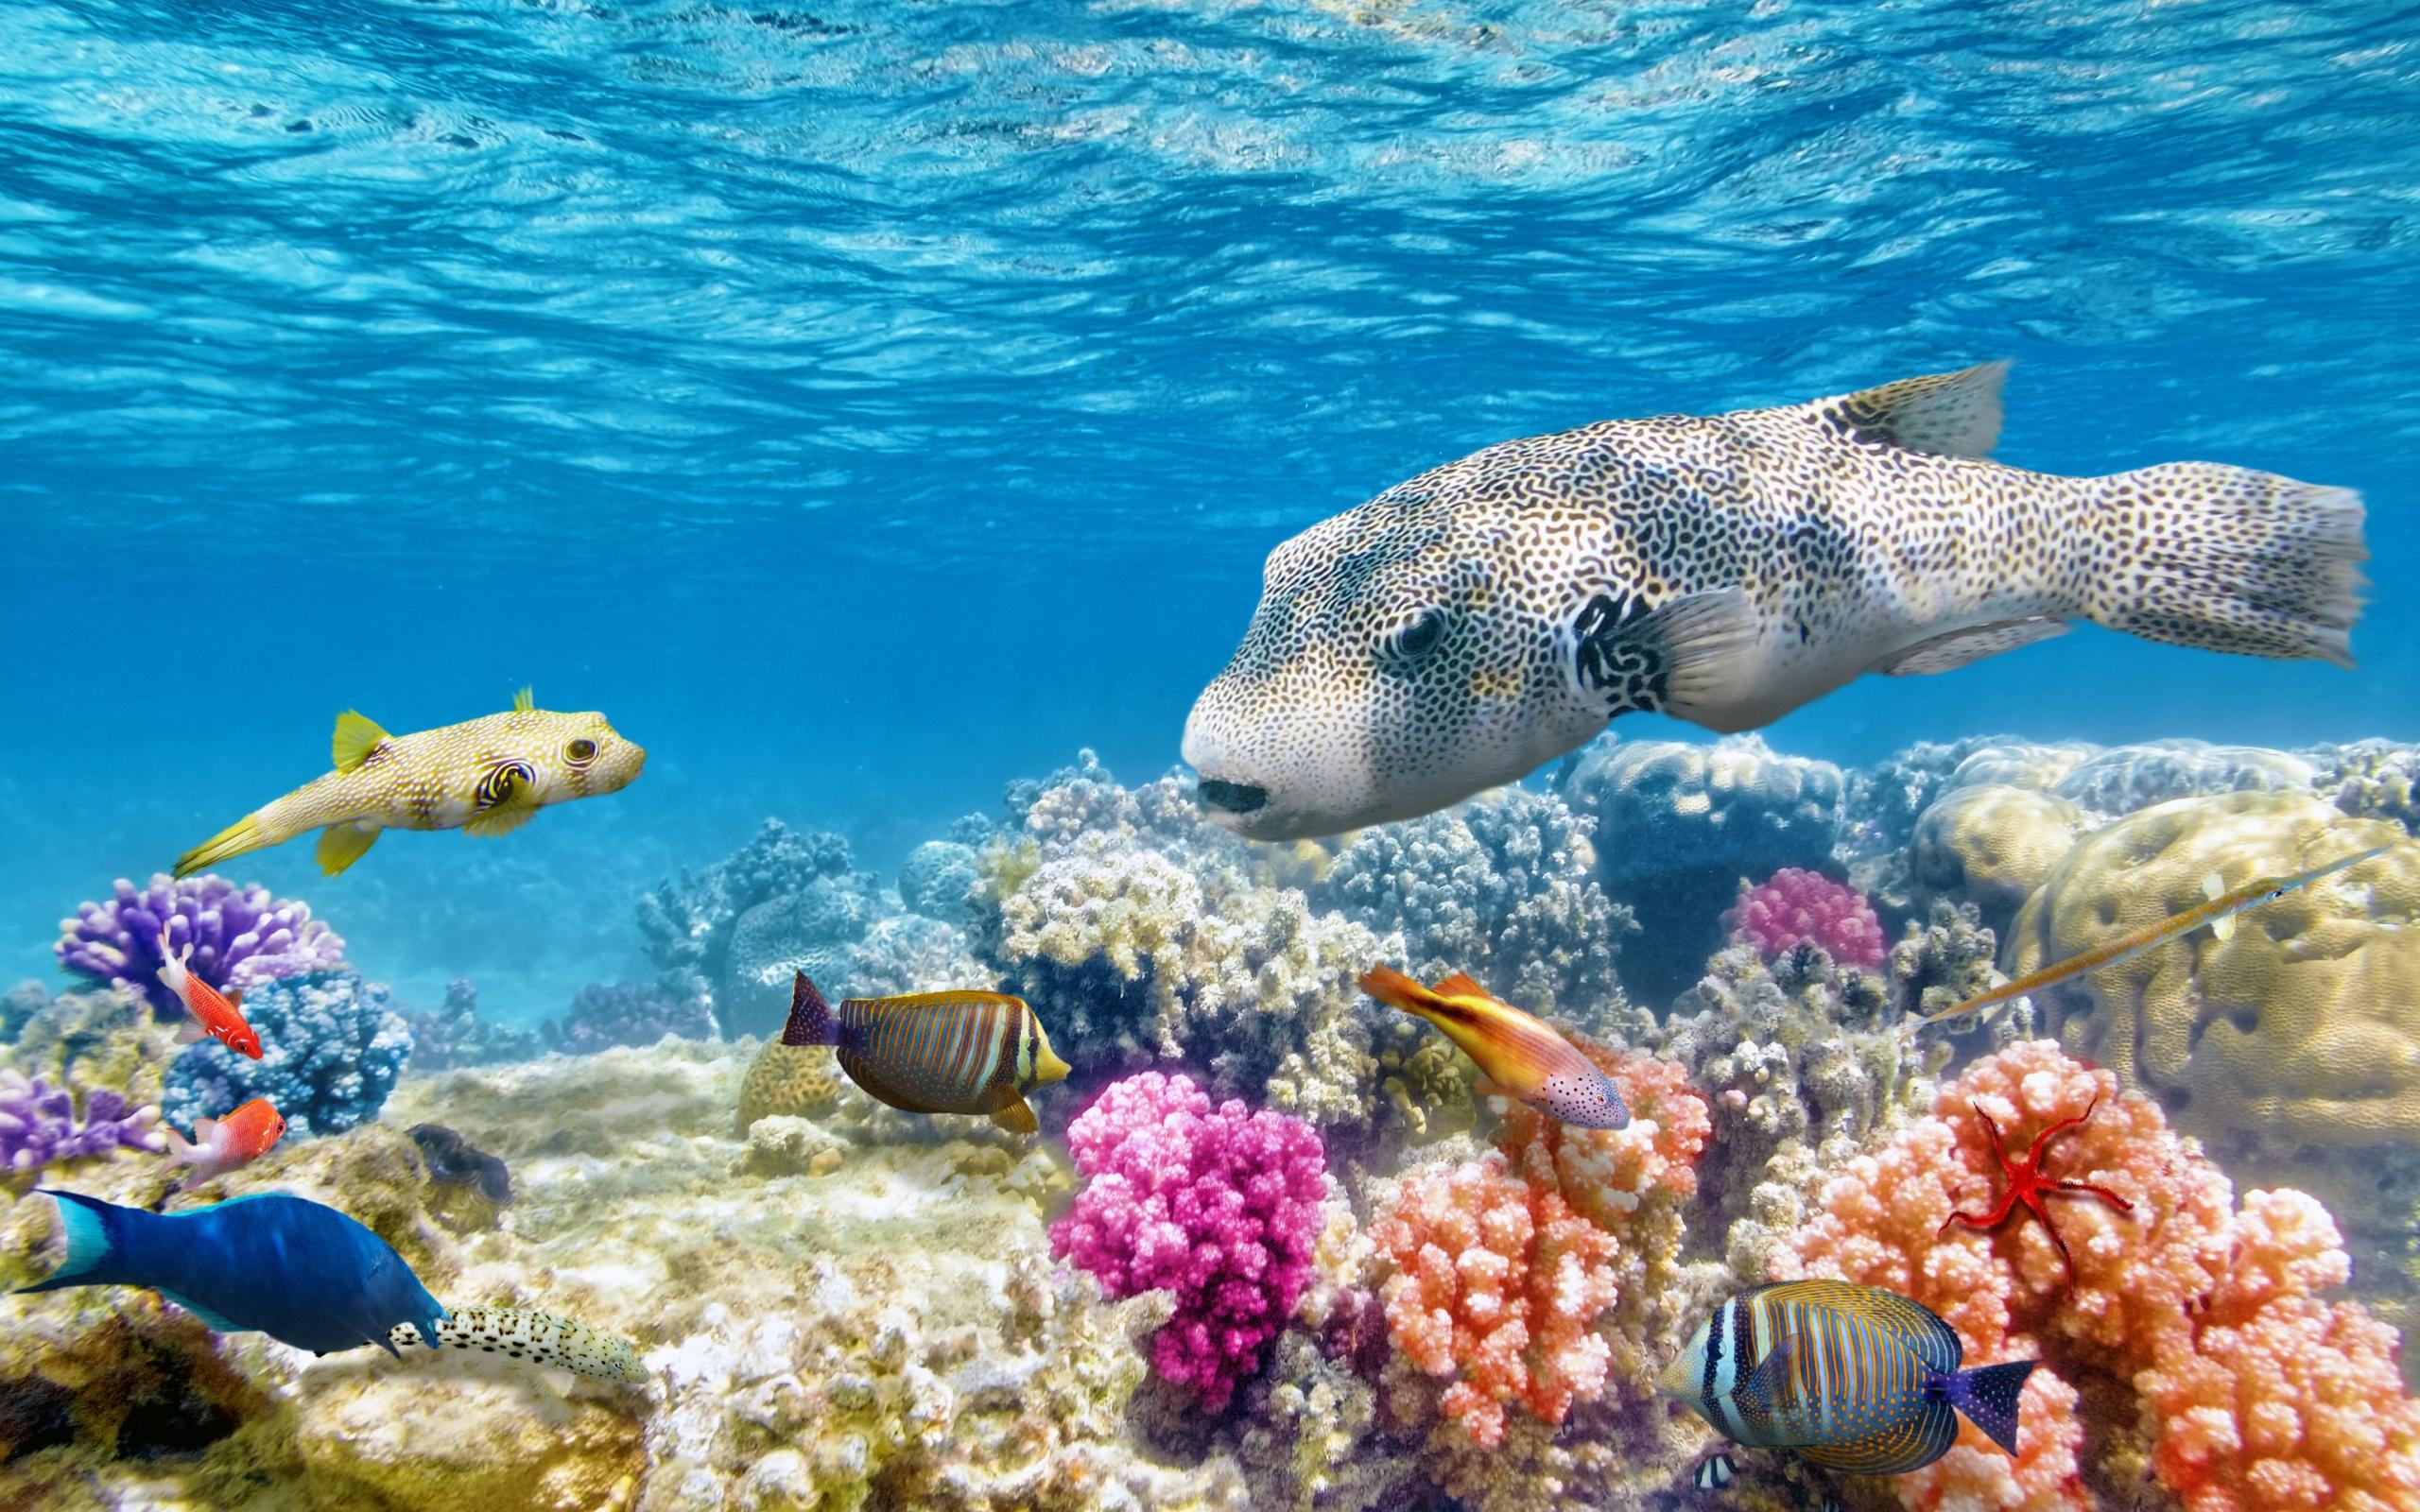 детонации картинки океан и его обитатели краснодар